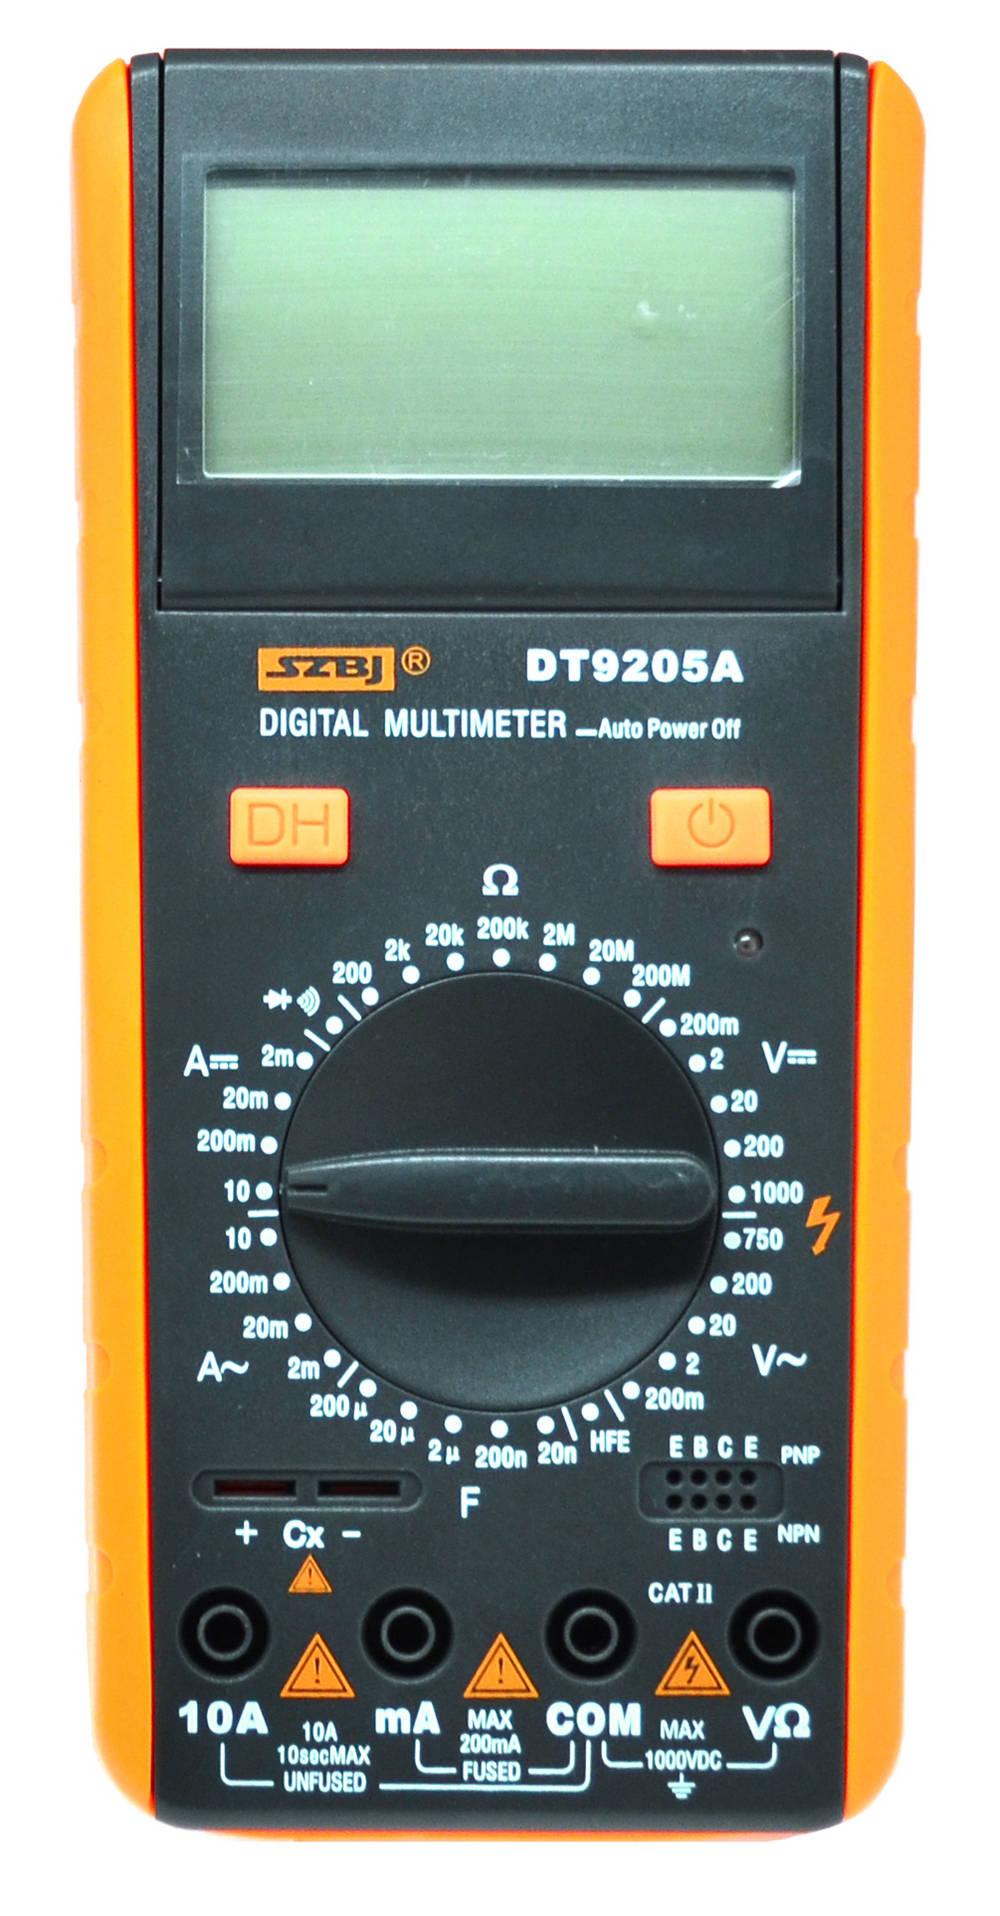 Πολύμετρο SZBJ DT9205A